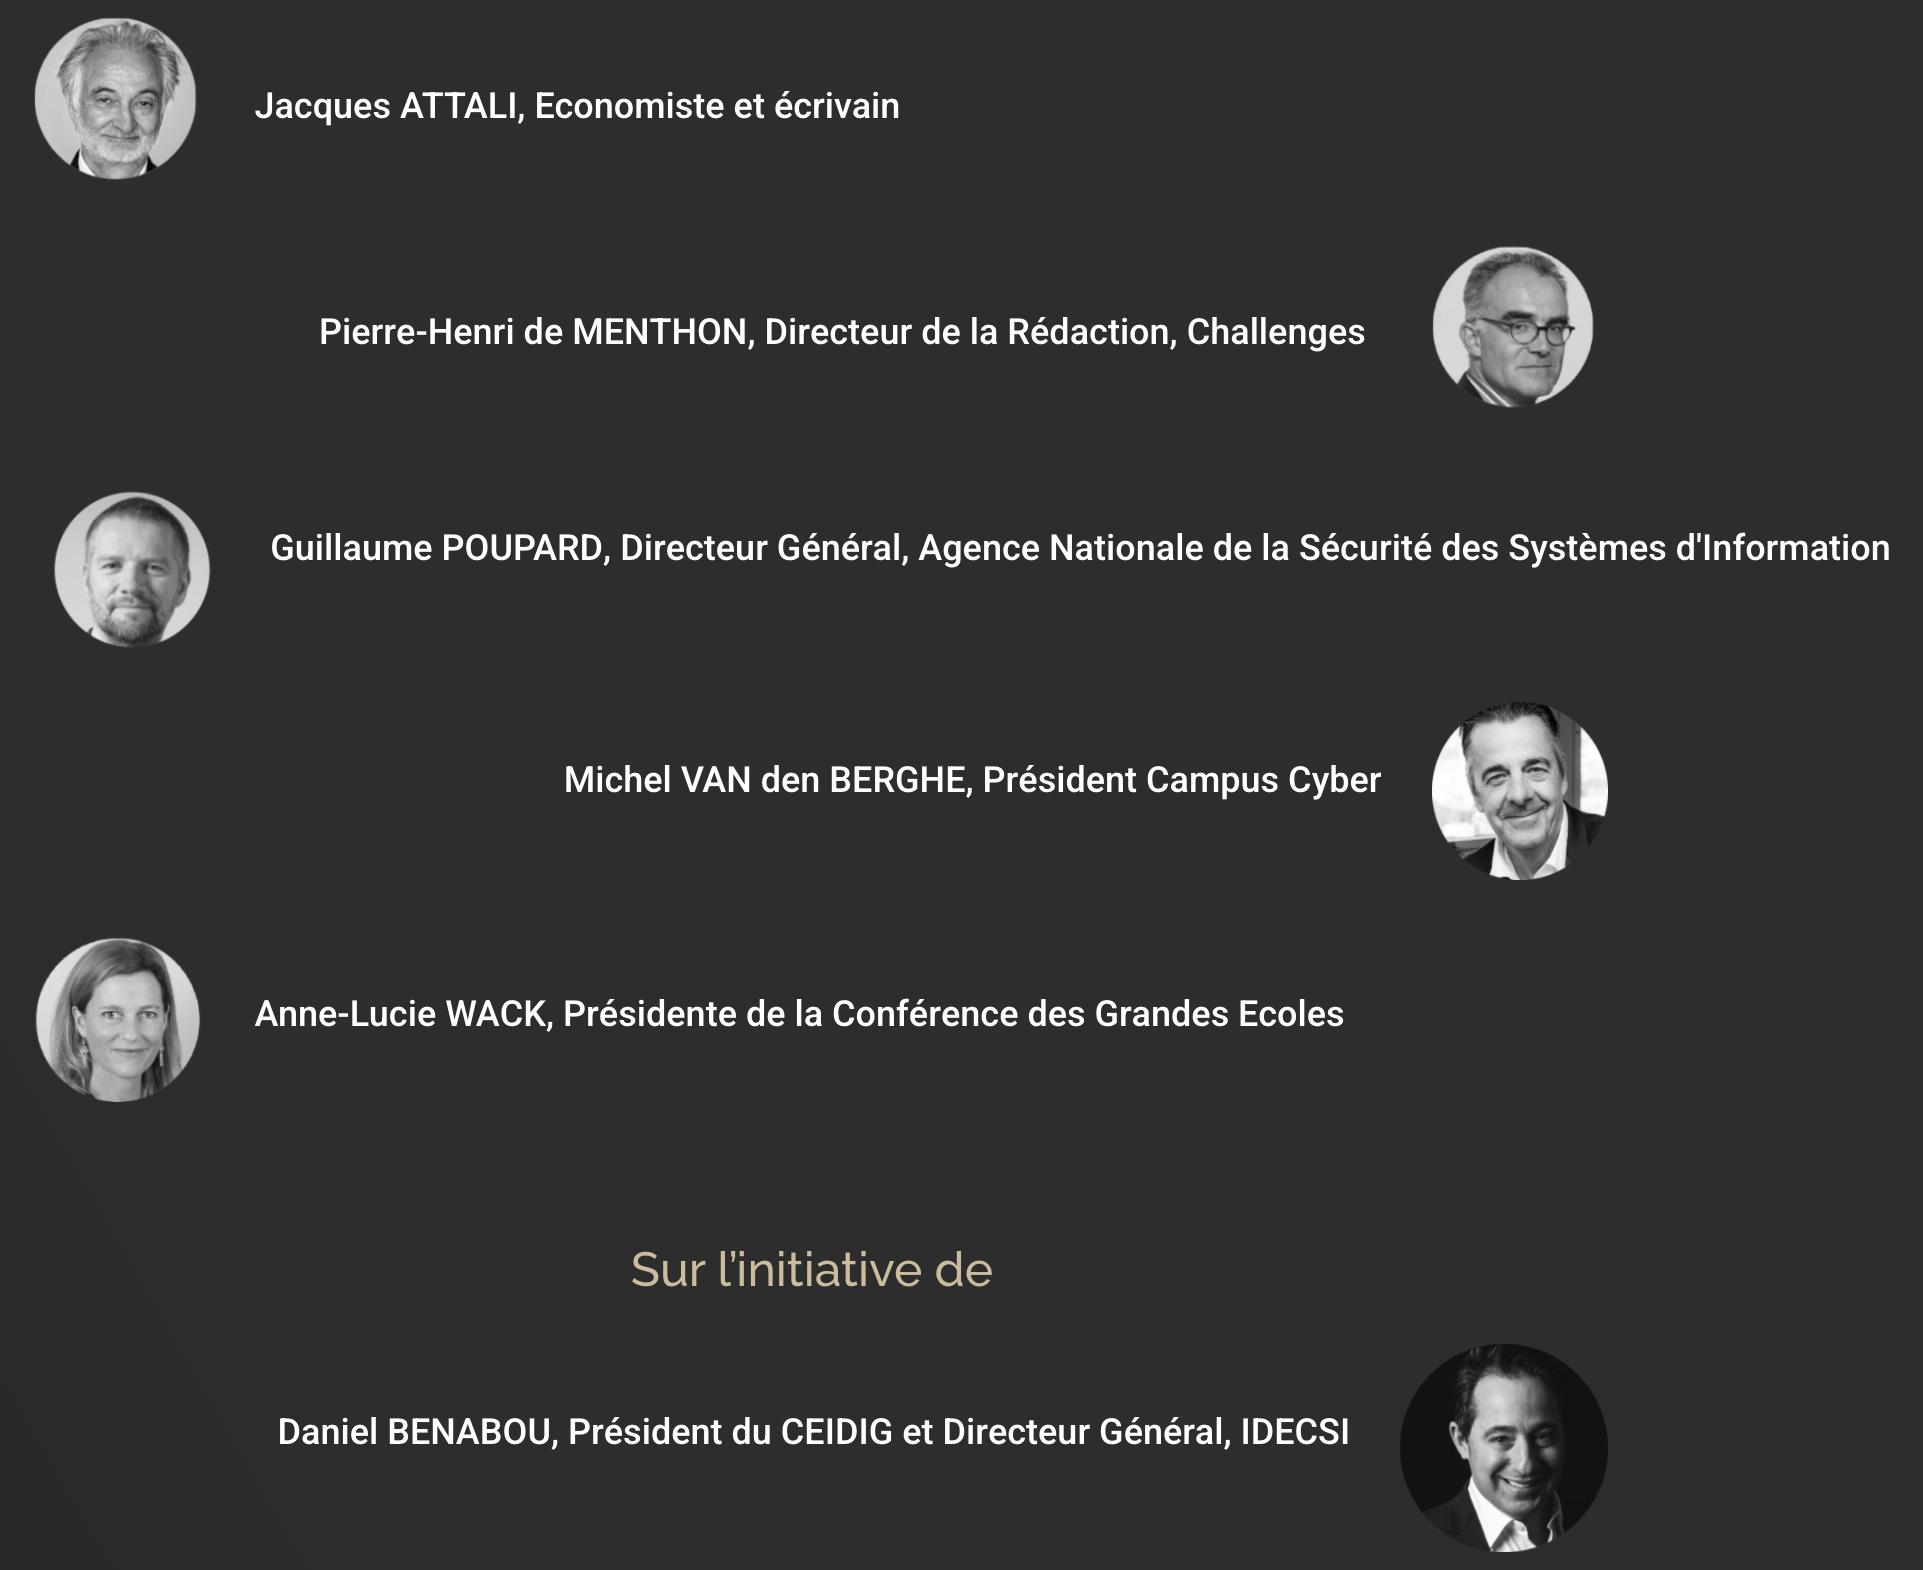 Jacques ATTALI, Pierre-Henri de MENTHON, Guillaume POUPARD, Michel VAN DEN BERGHE, Anne-Lucis WACK, Daniel BENABOU